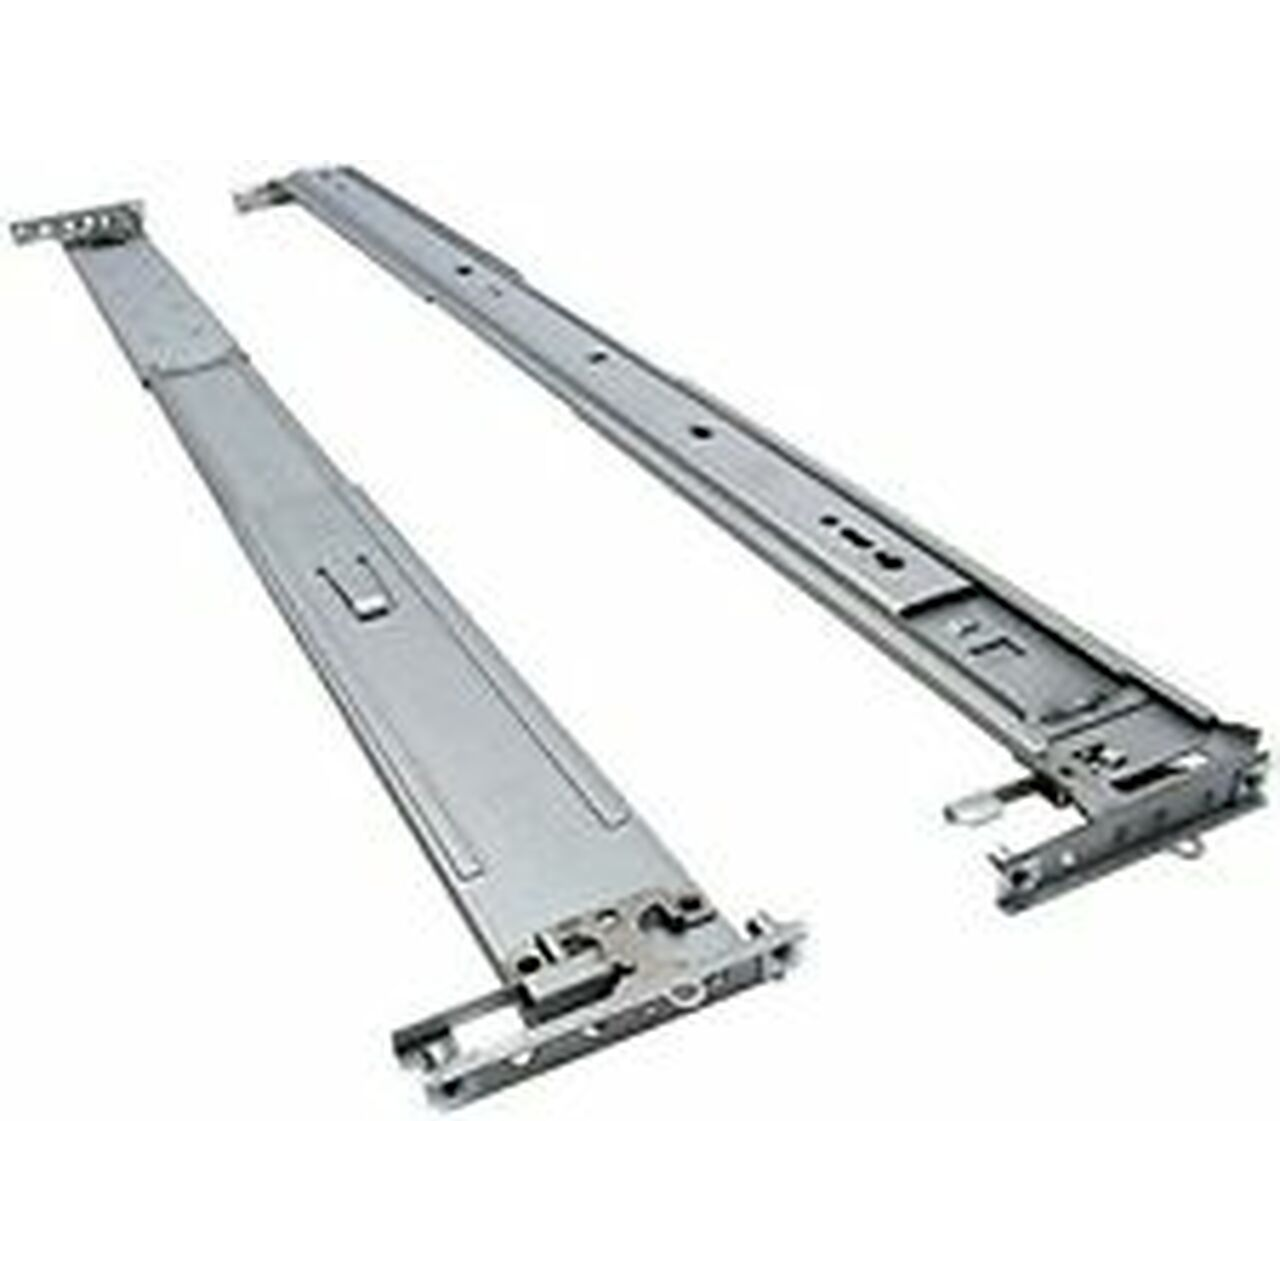 Рельсы для серверов HP DL380p G8 SFF